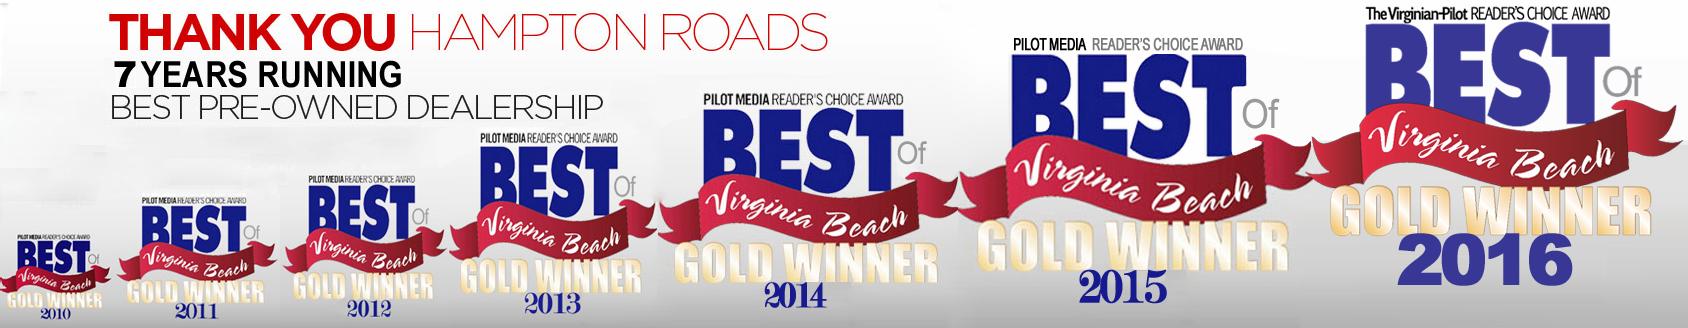 Best of virginia beach gold winner